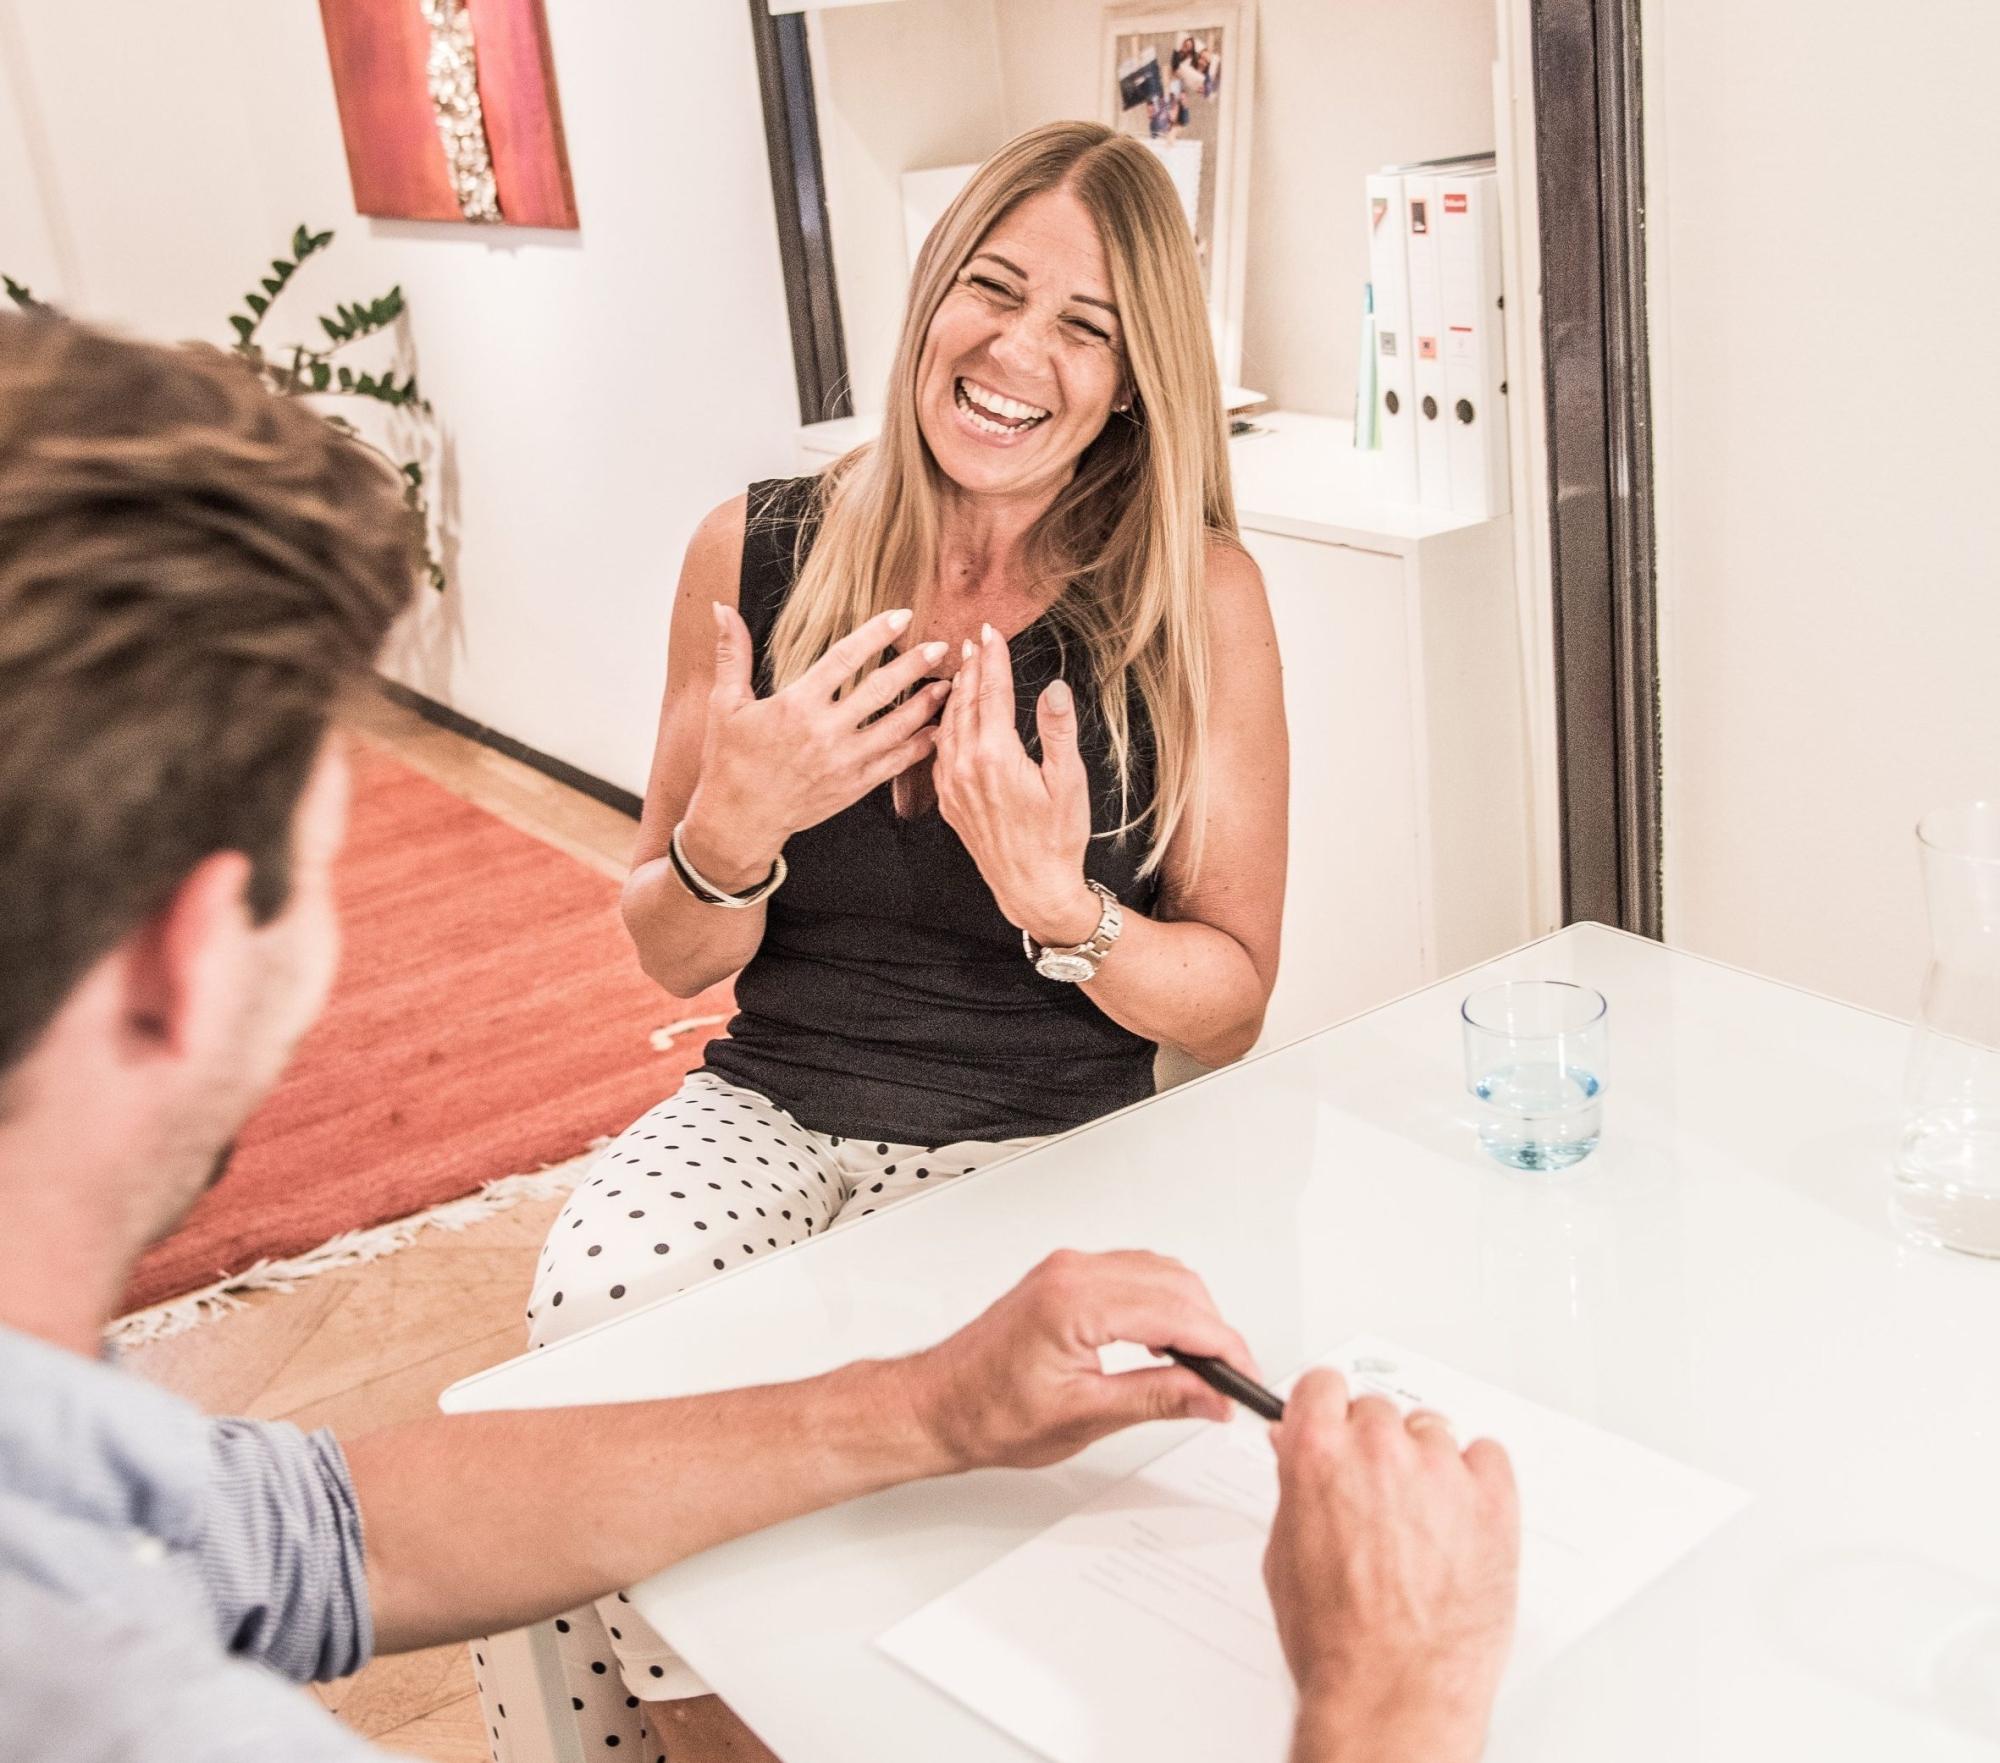 Die Abbildung zeigt Stefan Schwarz bei der Arbeit mit einer Frau. Seine Mission ist das Wohlbefinden der Kundin, die gerade an einer kinesiologischen Sitzung teilnimmt.